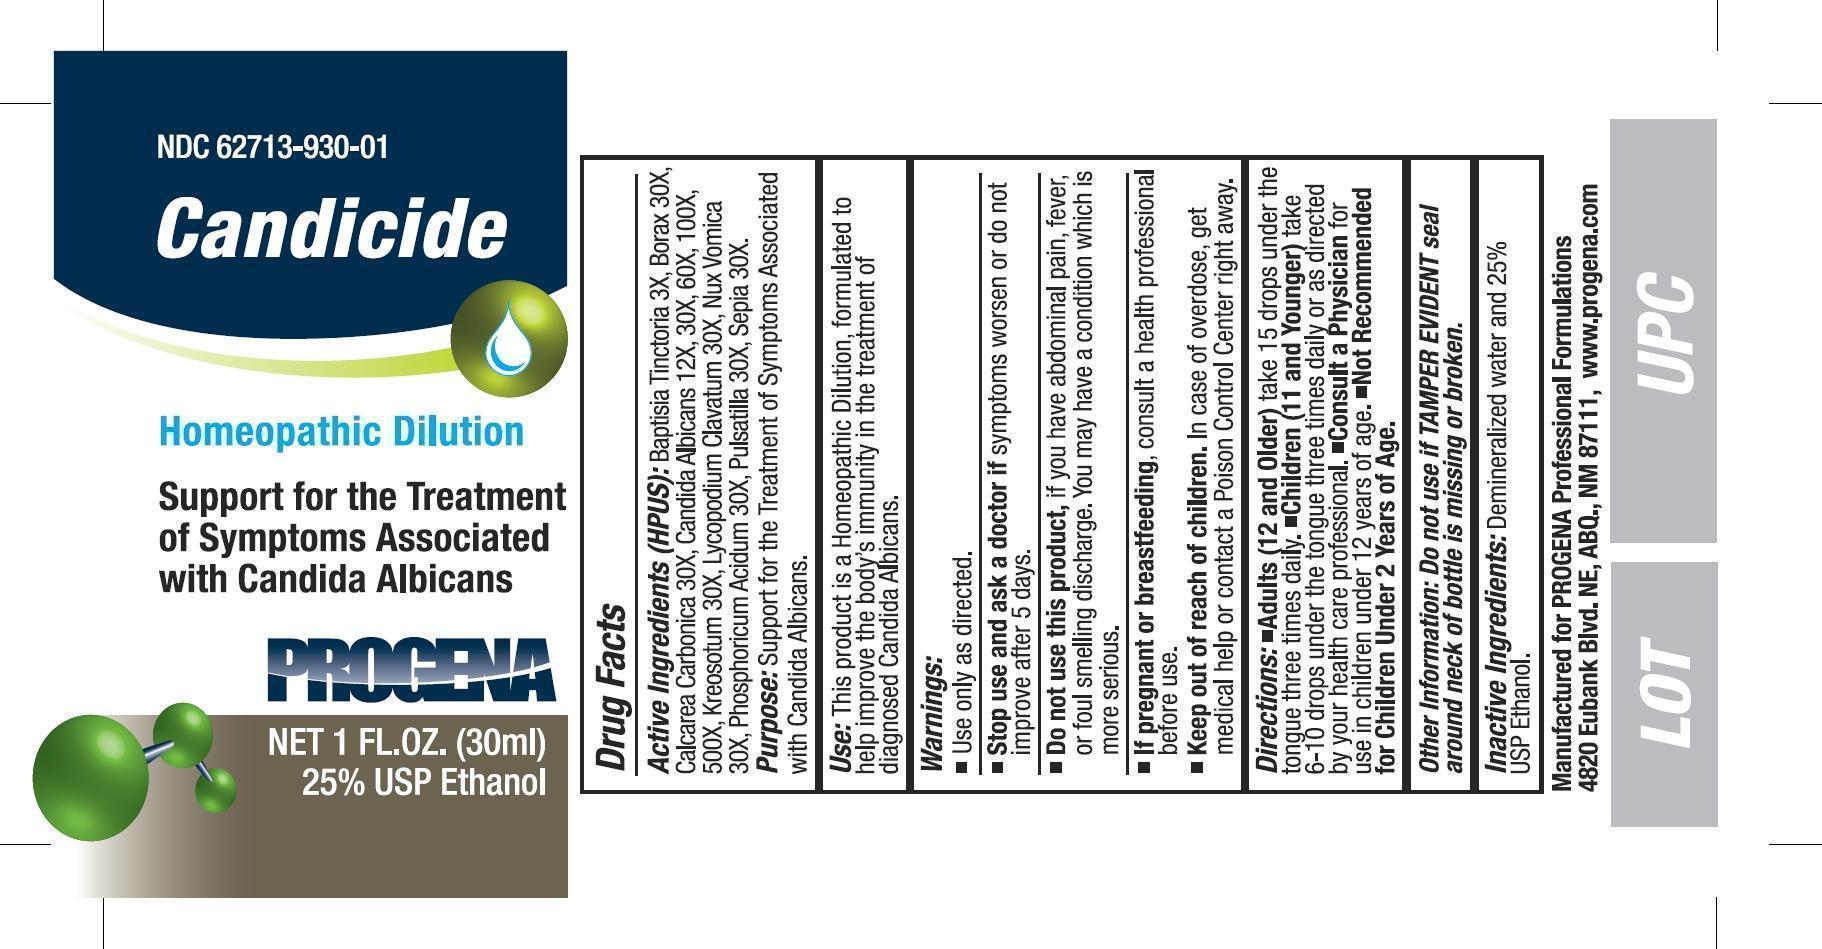 Candicide Liquid [Meditrend, Inc. Dba Progena Professional Formulations]